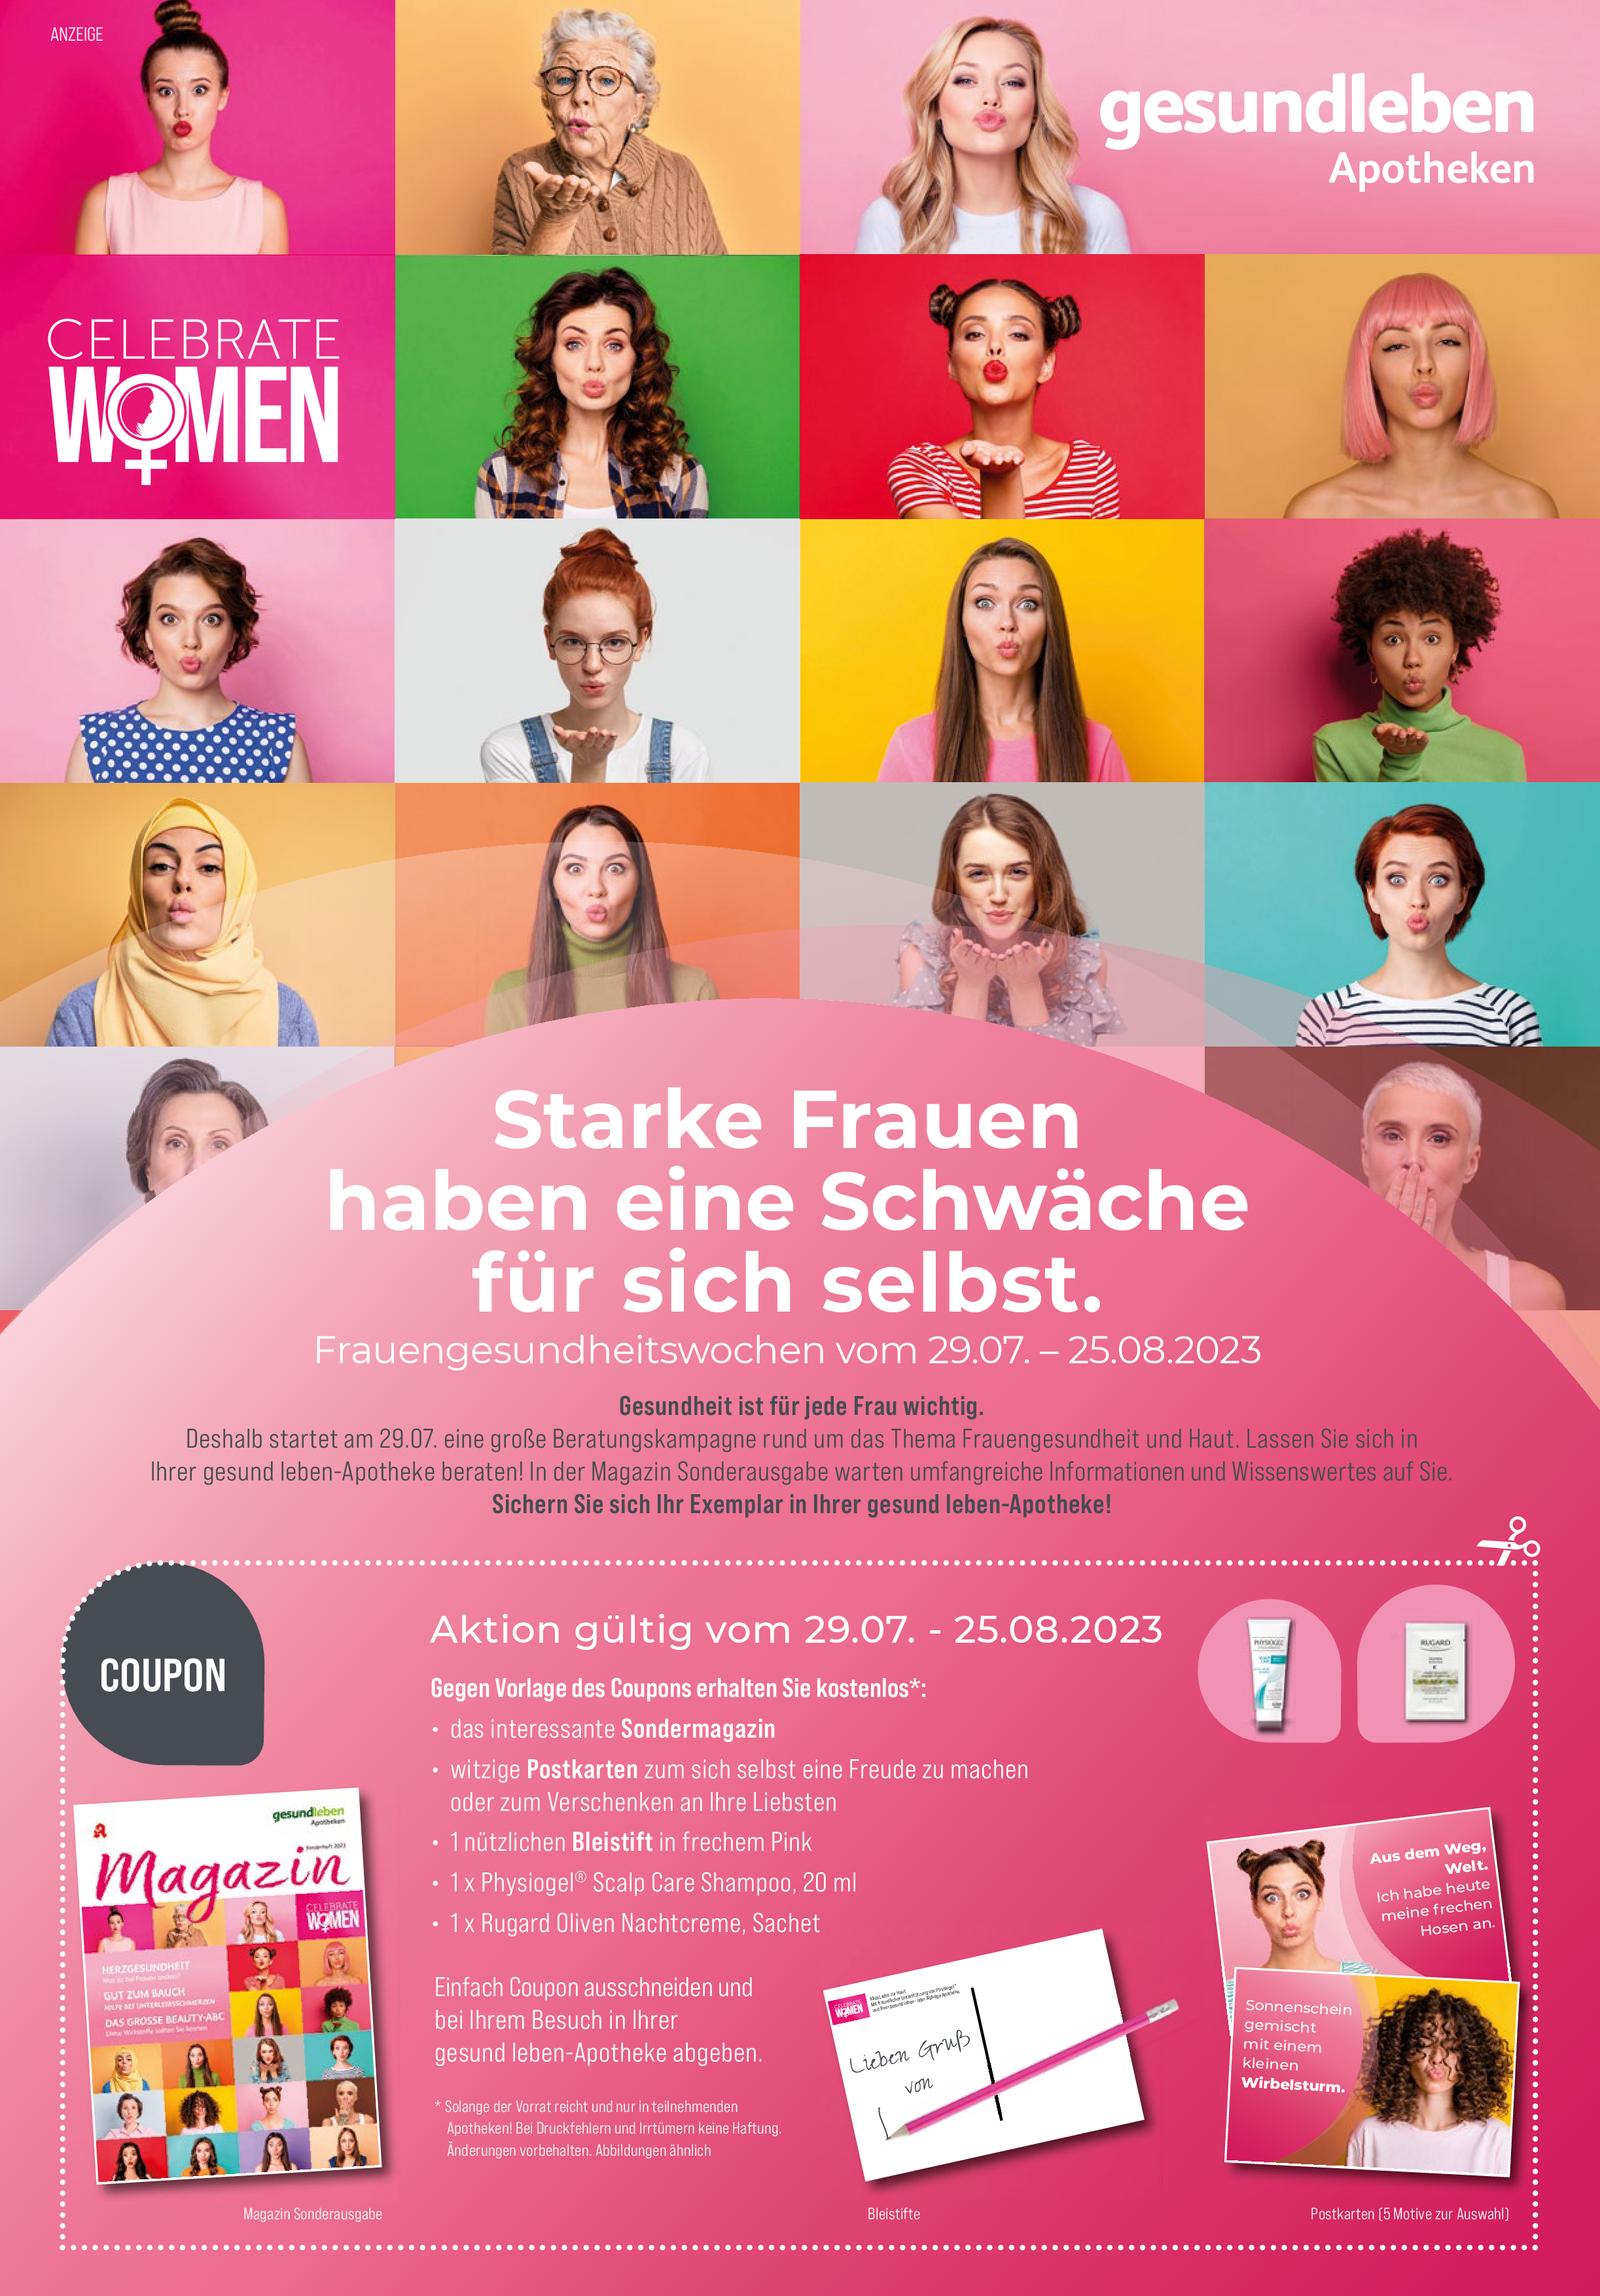 https://mein-uploads.apocdn.net/788/leaflets/gesundleben_hoch-Seite5.png